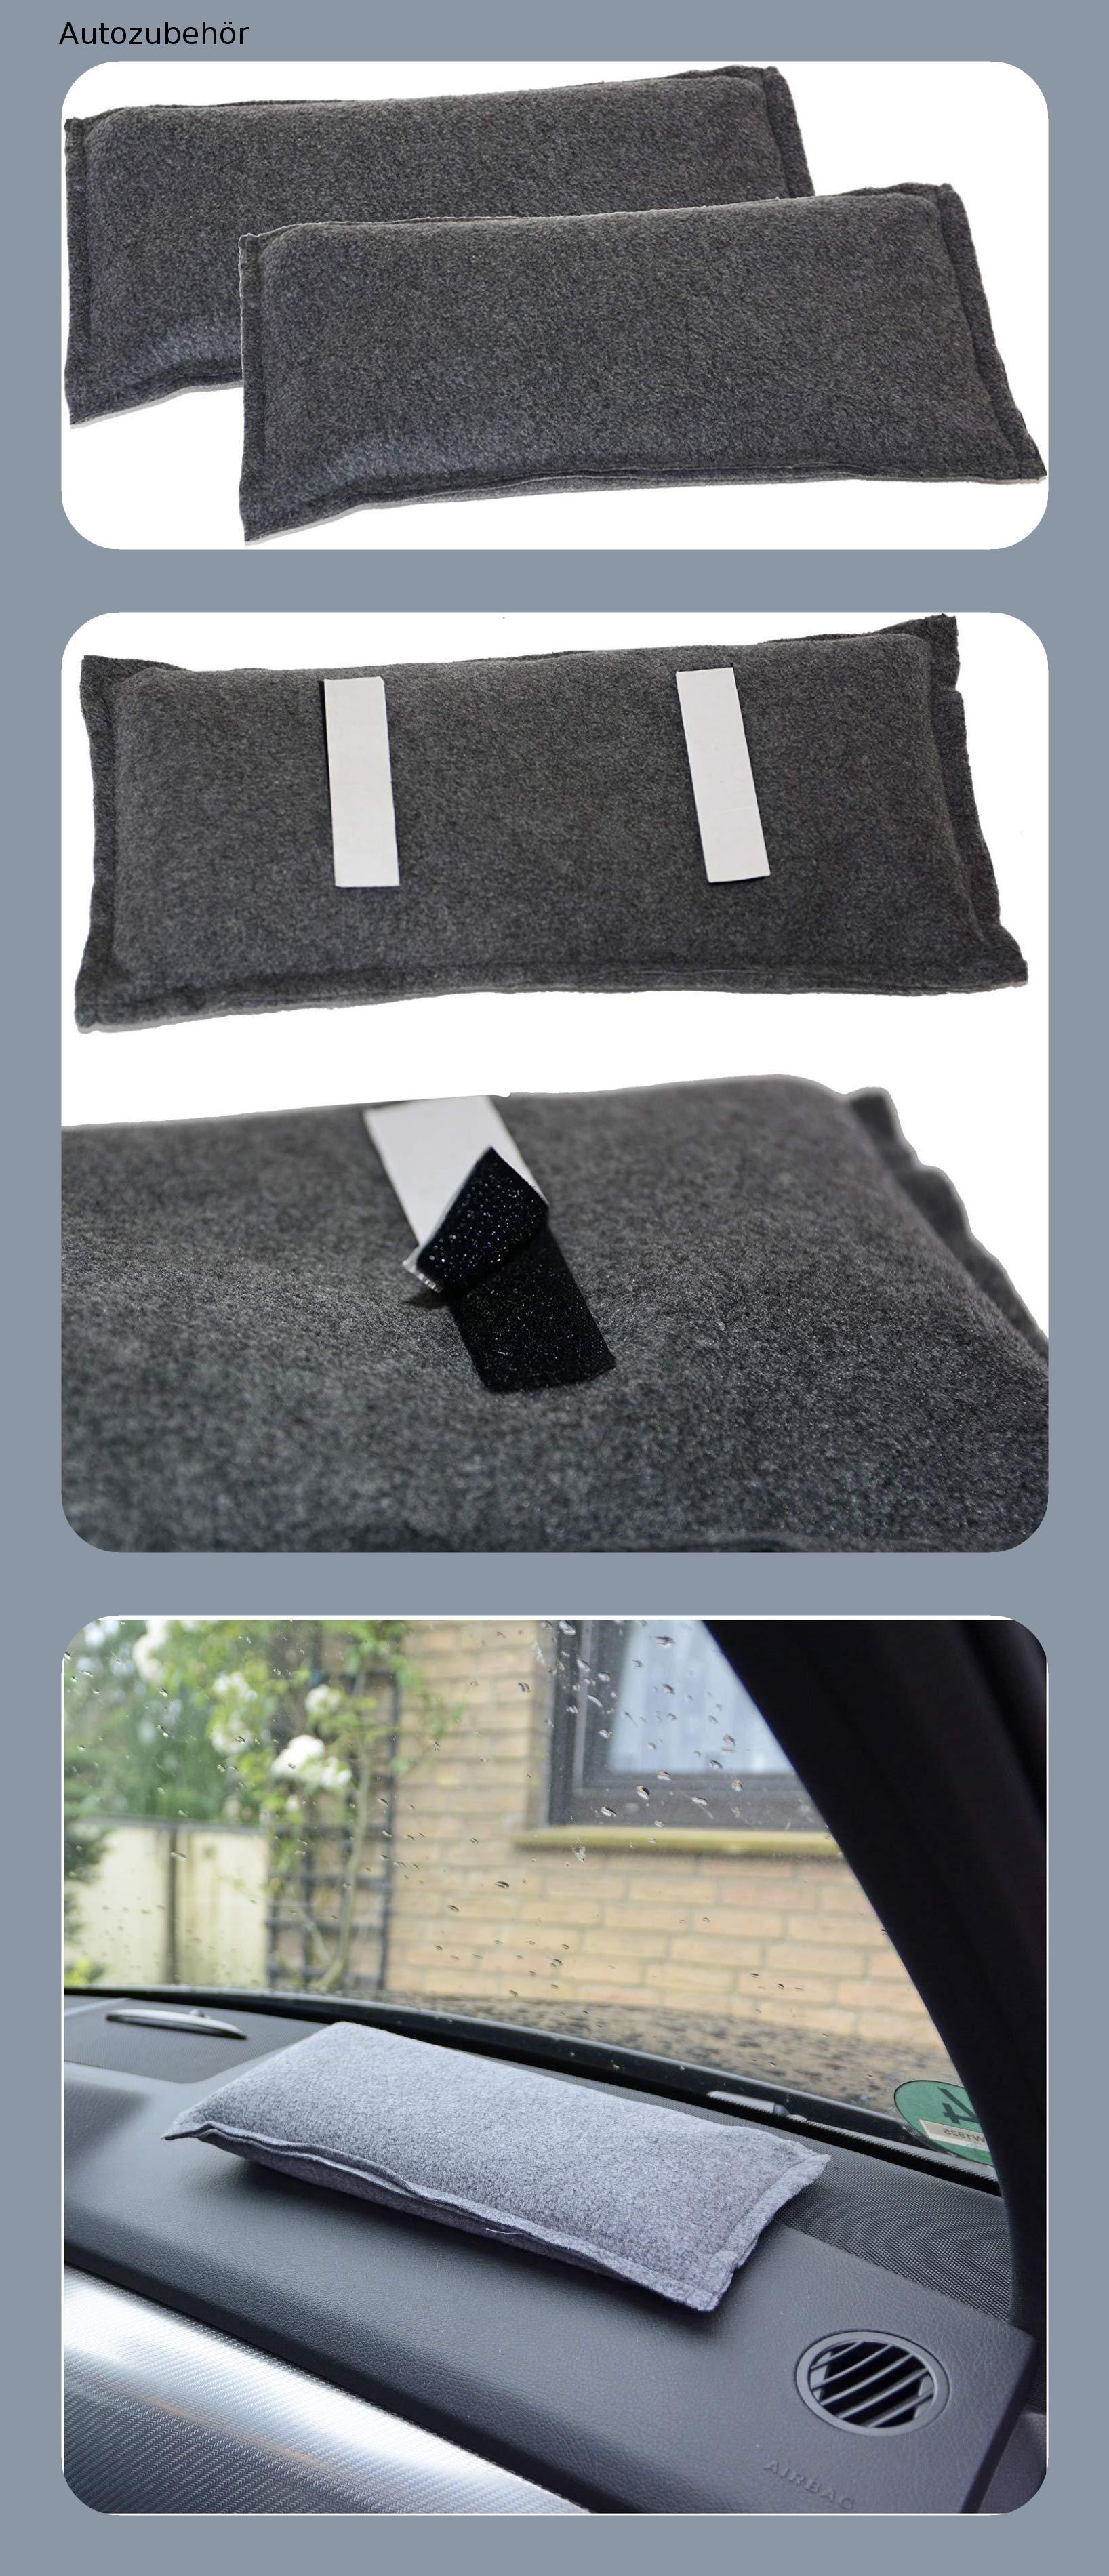 Beheizbare Kissen Sitzheizung Furs Auto Heizauflagen Auto